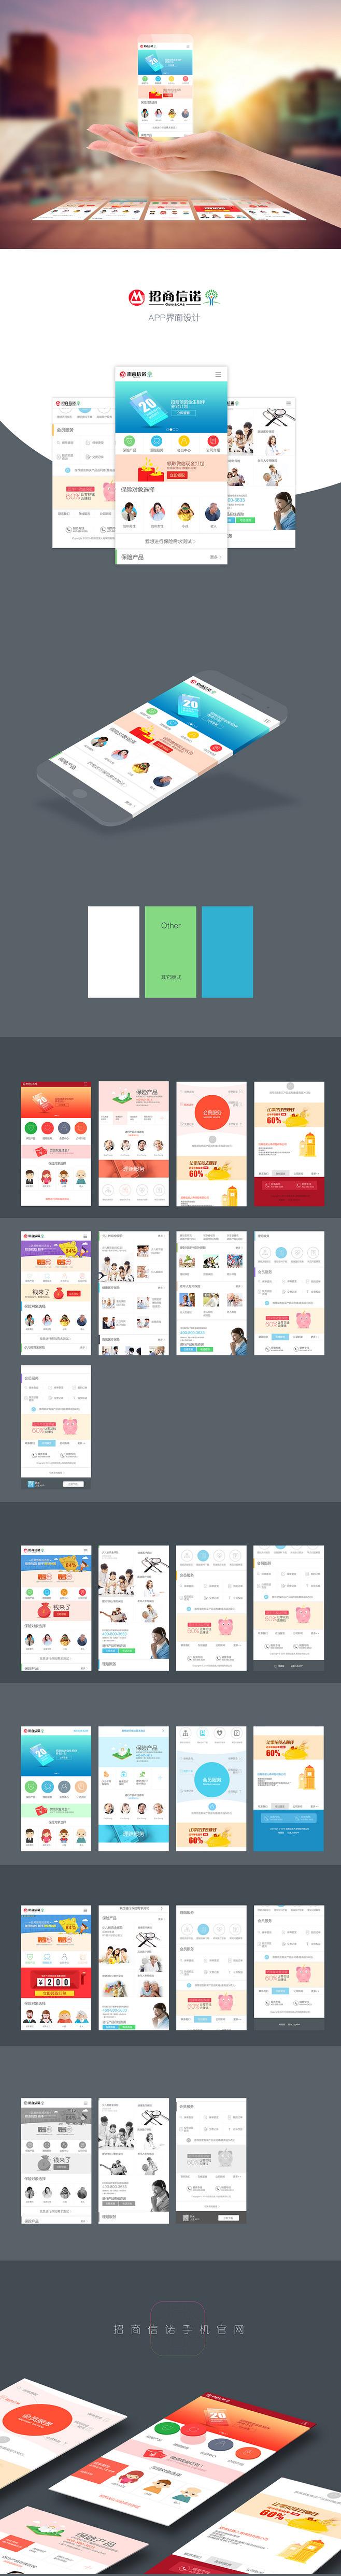 app设计欣赏